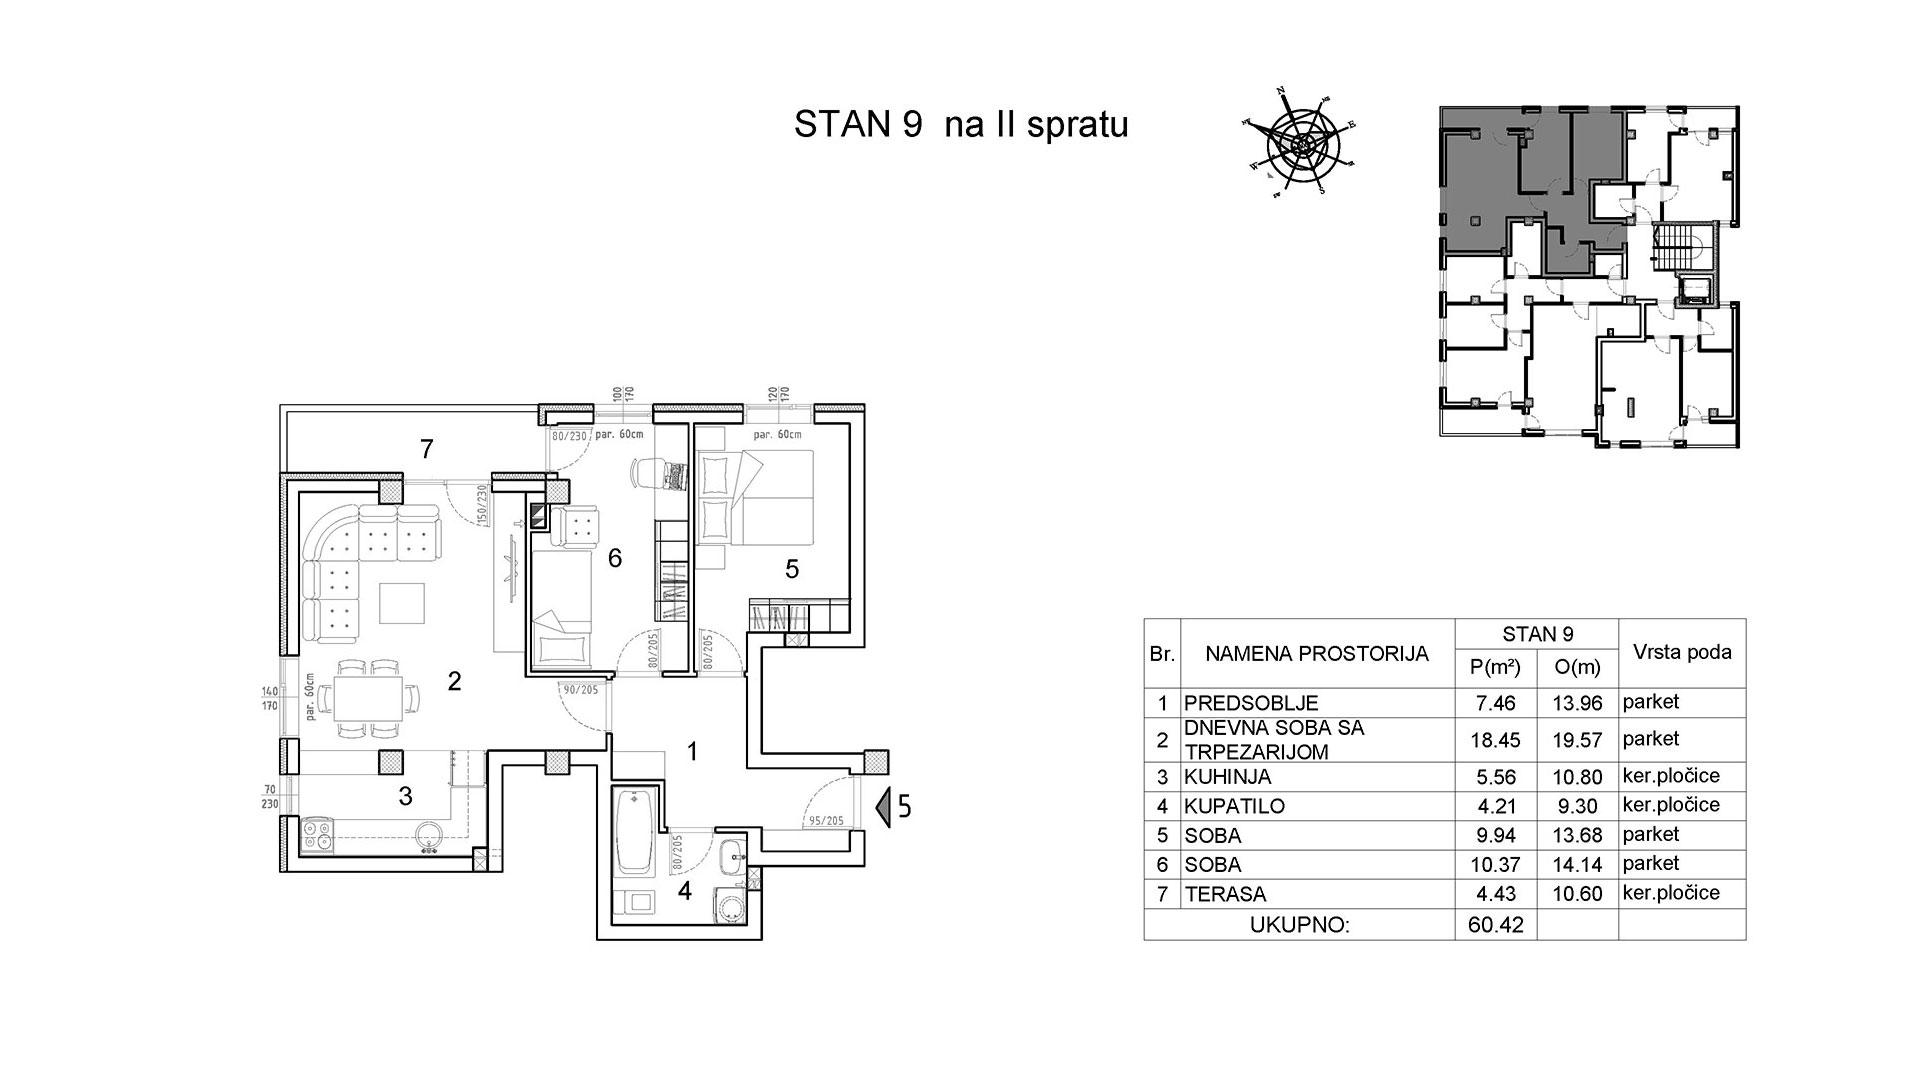 Objekat u Vranjanskoj 2 - stan 9